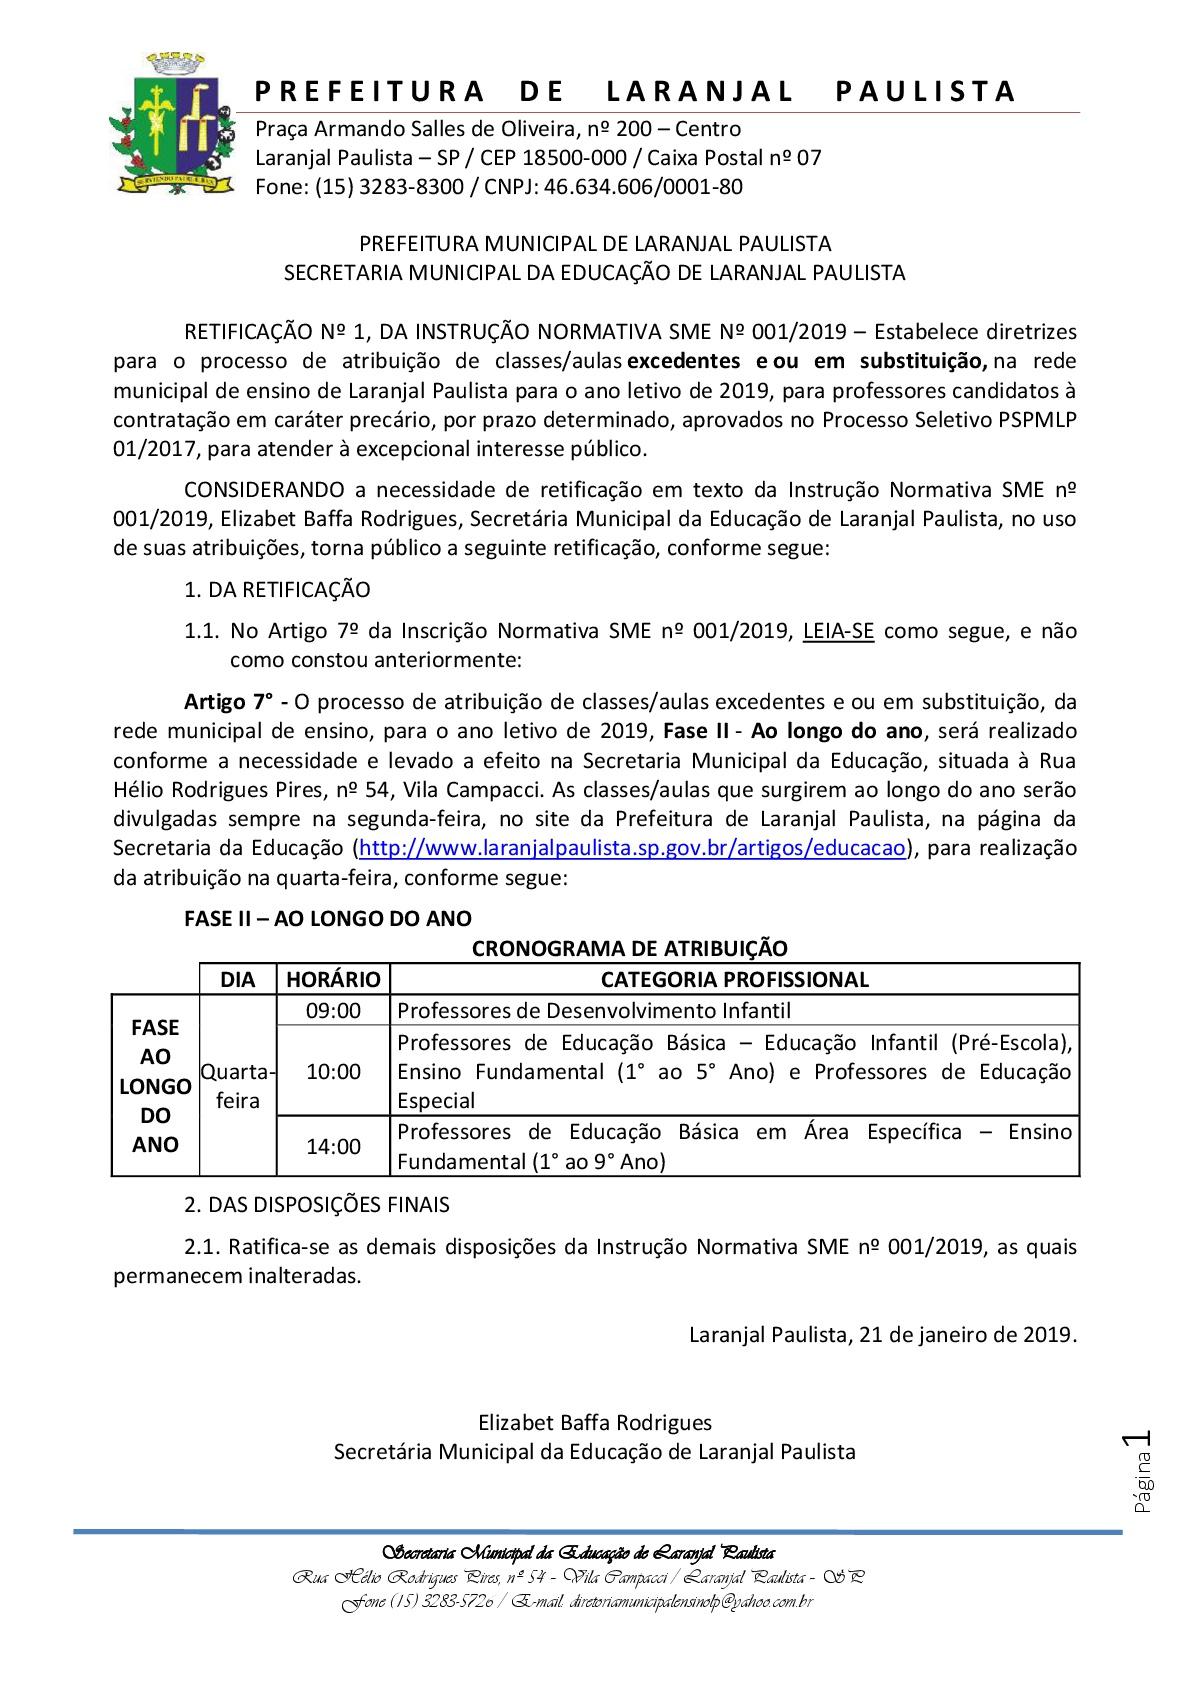 Retificação Instrução normativa nº 01-2019-001